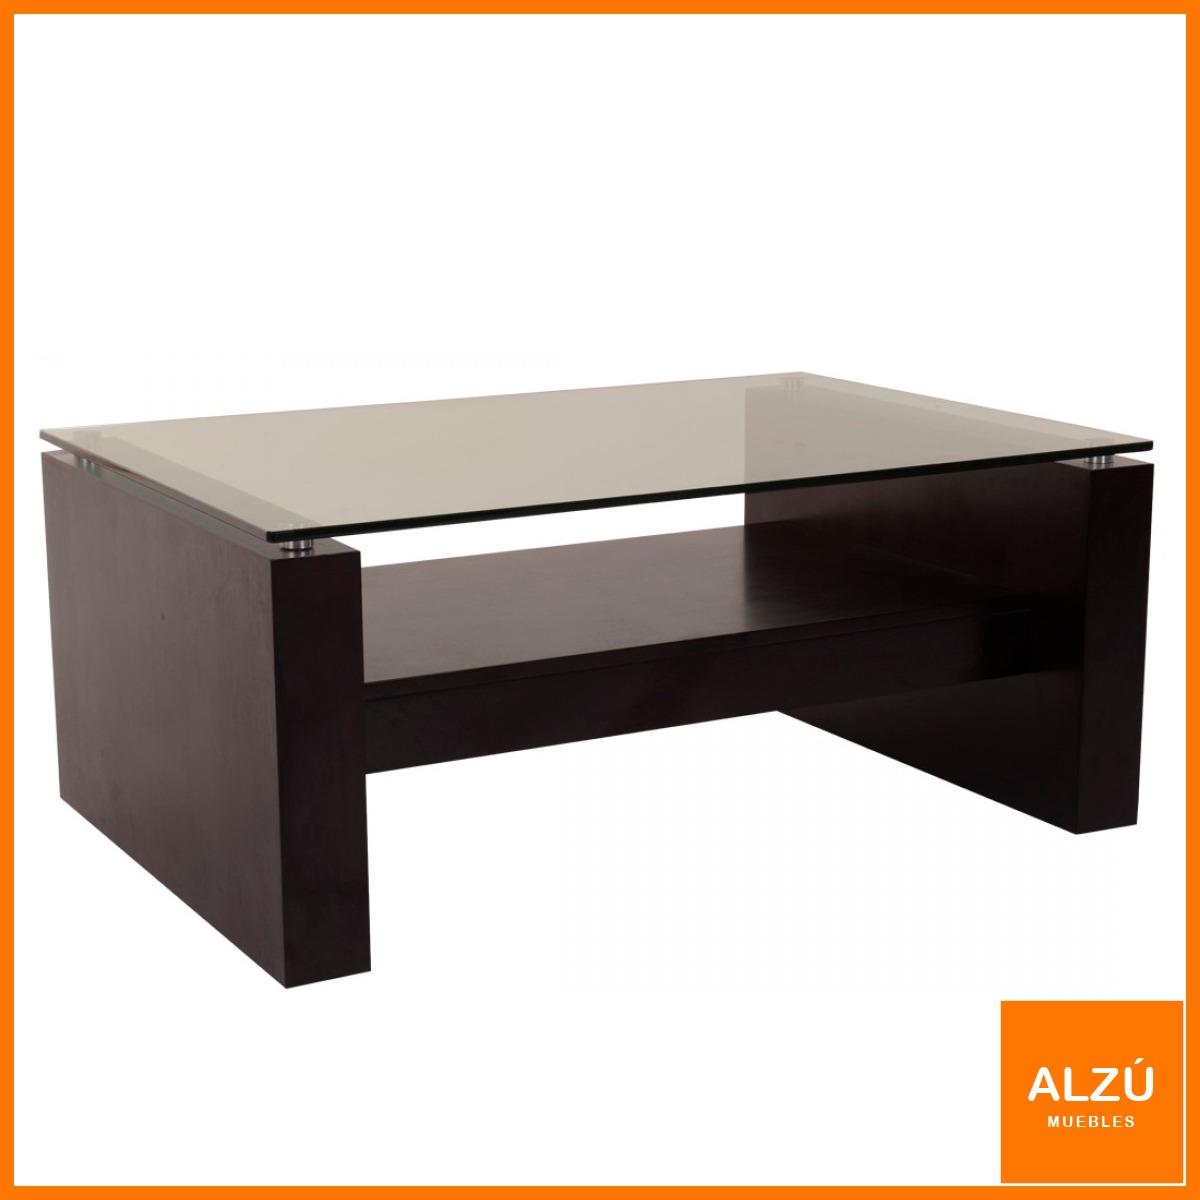 Mesa de centro para sala hay moderna by moble company for Mesas de centro para sala modernas